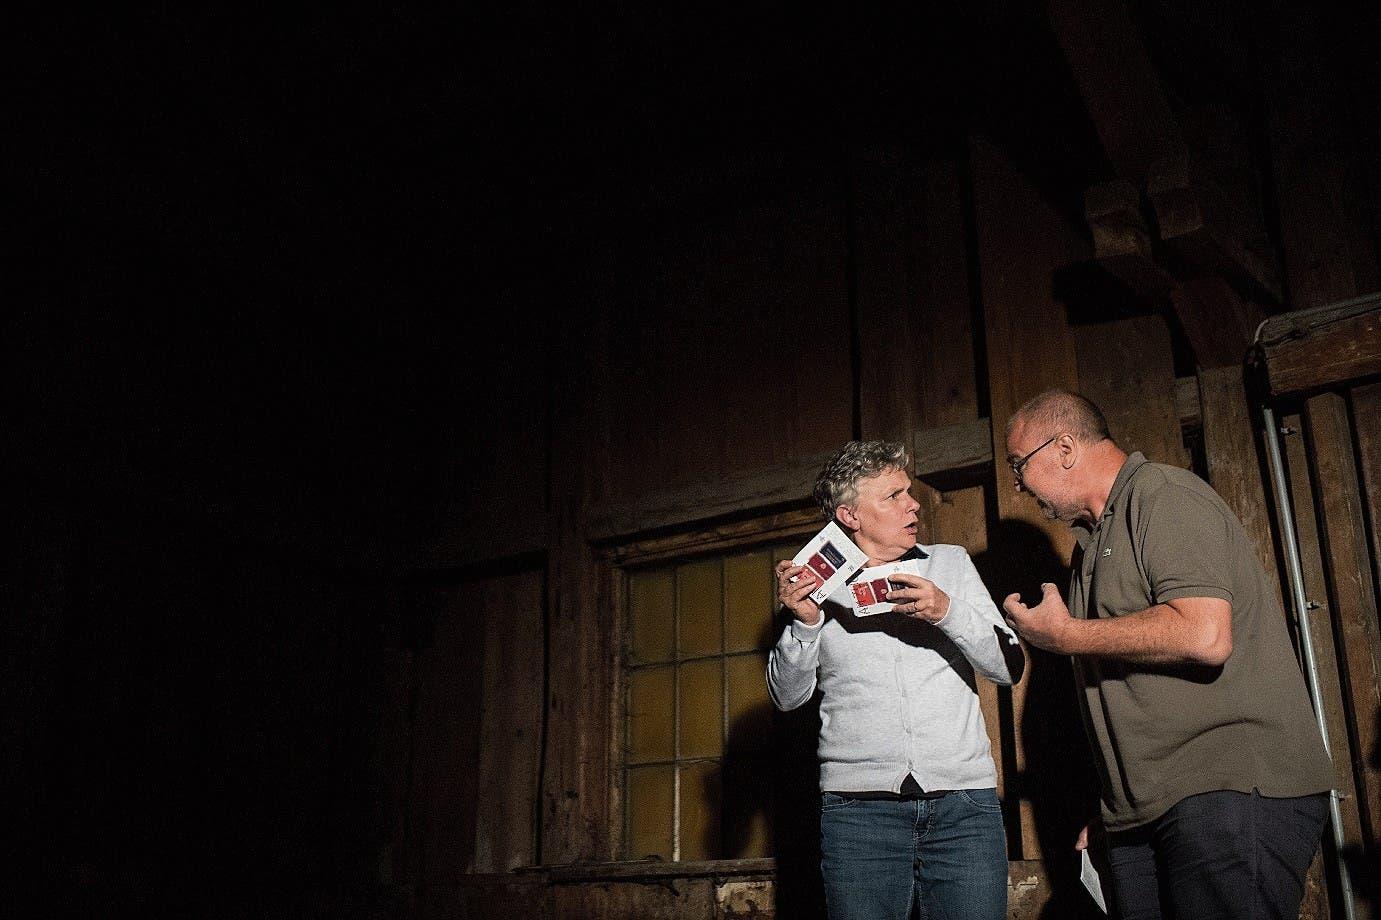 Die Schauspieler Helga Pedross aus Bludenz und Thomas Hassler aus Balzers in Aktion.